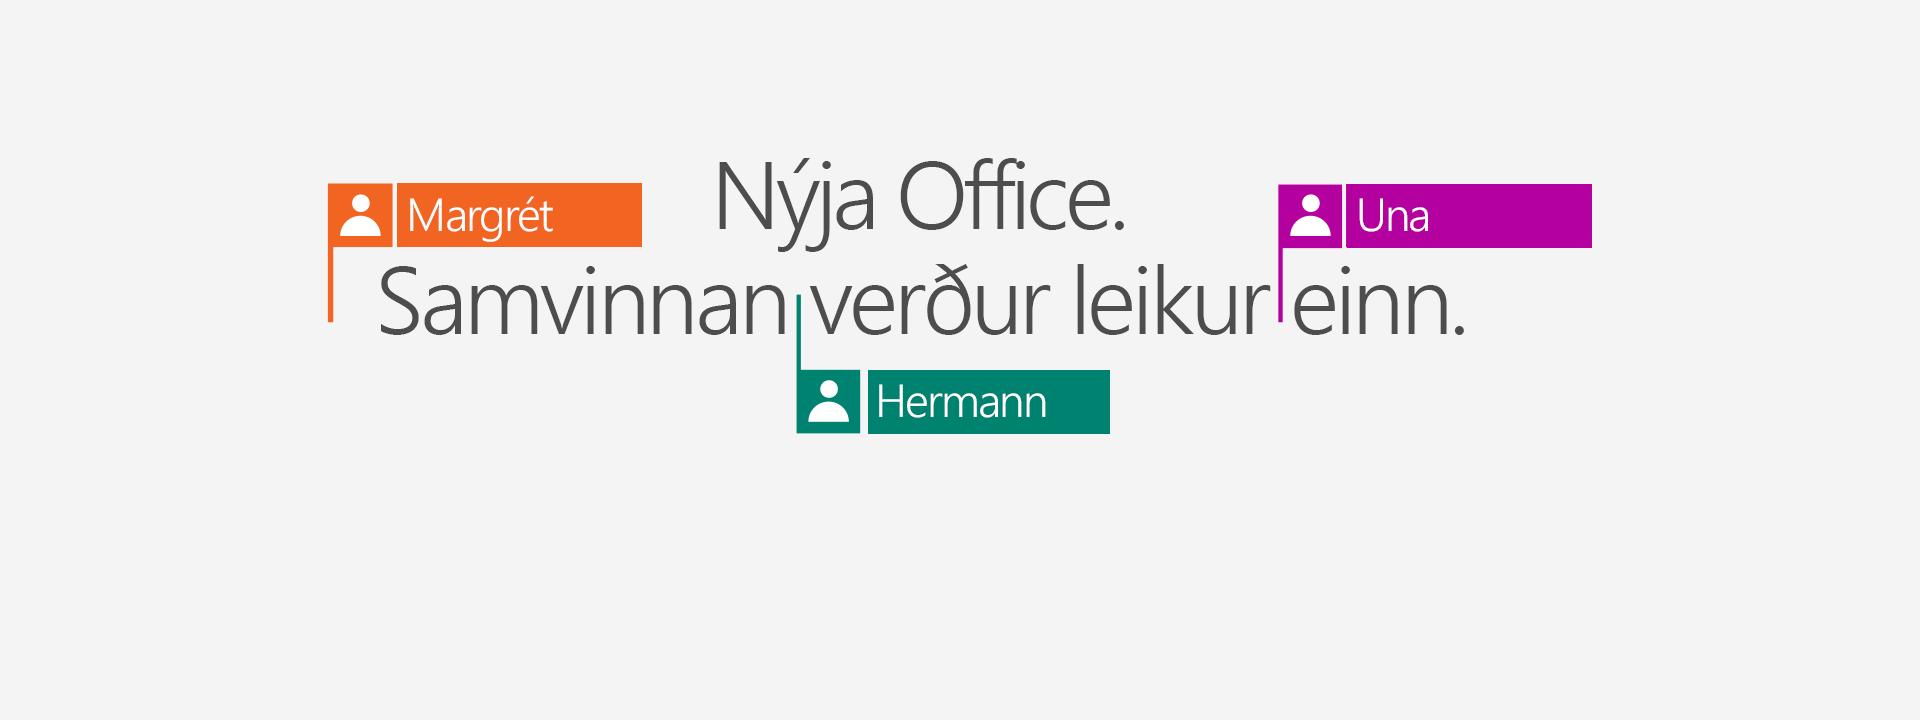 Kauptu Office 365 til að fá nýju 2016-forritin.